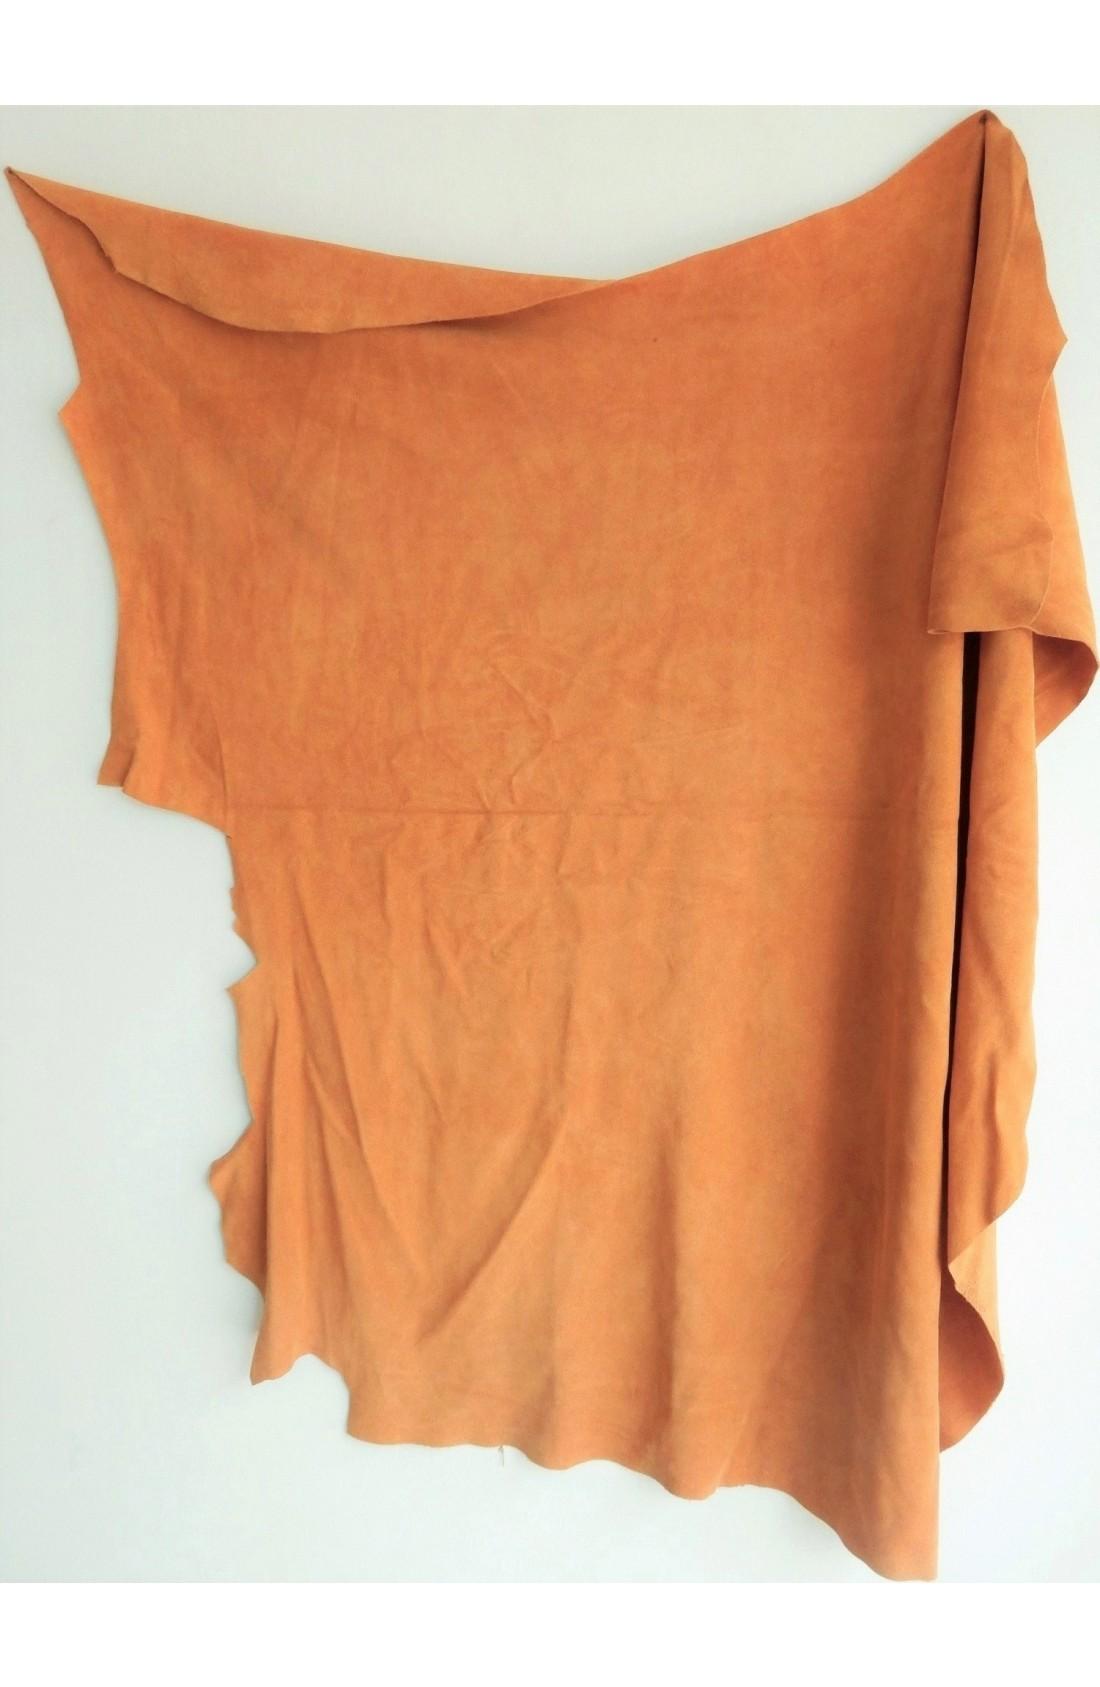 art. 60 SCAMOSCIATO var.81 arancio mattone (1)